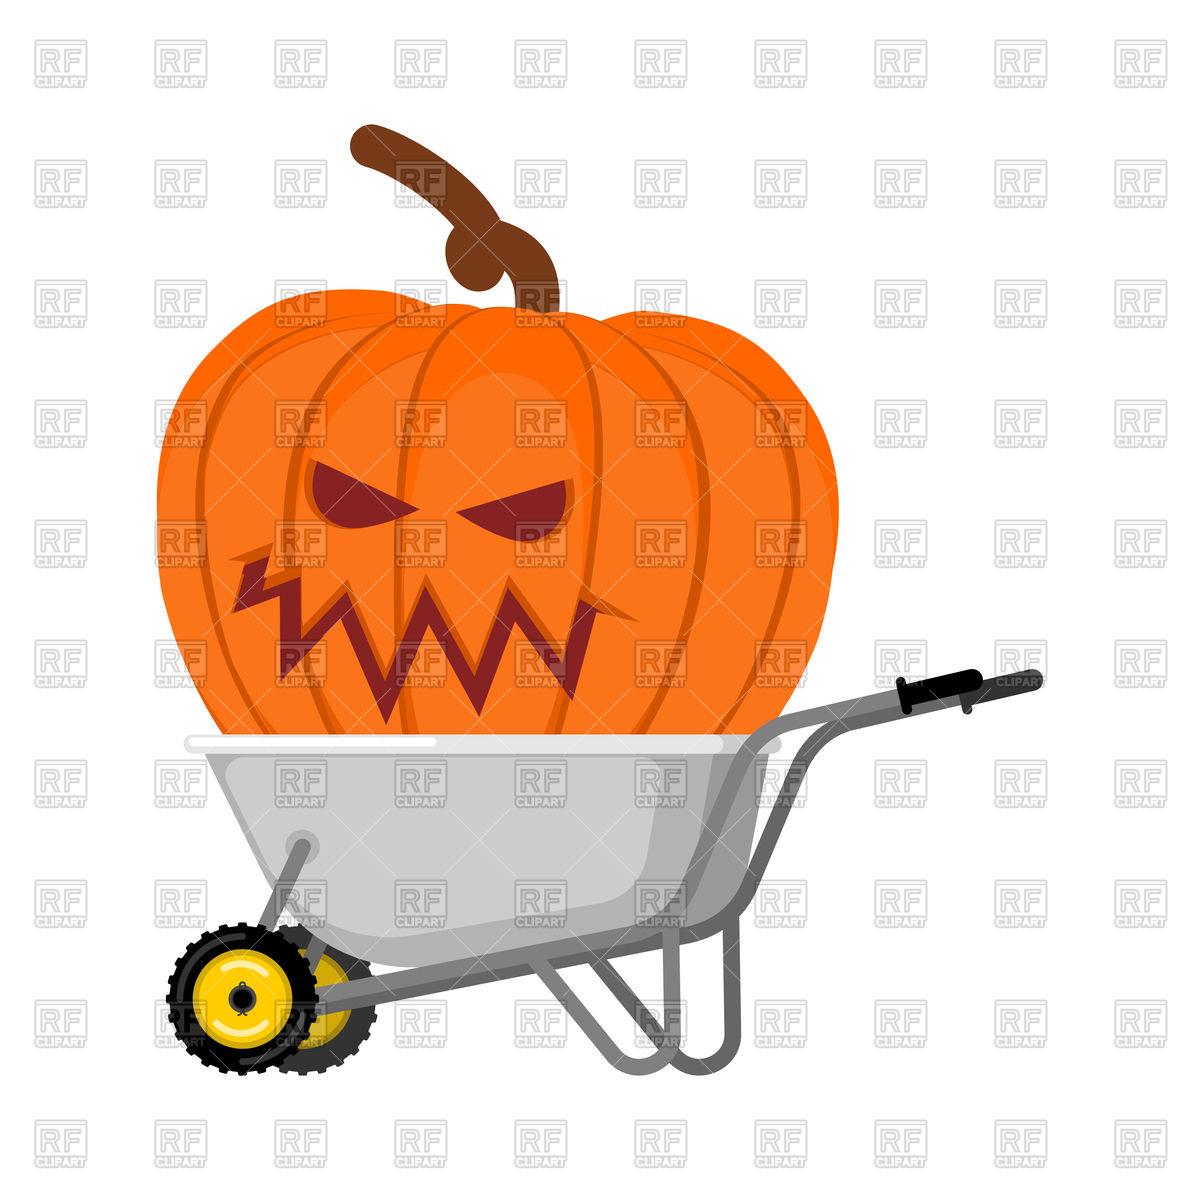 1200x1200 Wheelbarrow With Big Halloween Pumpkin Royalty Free Vector Clip